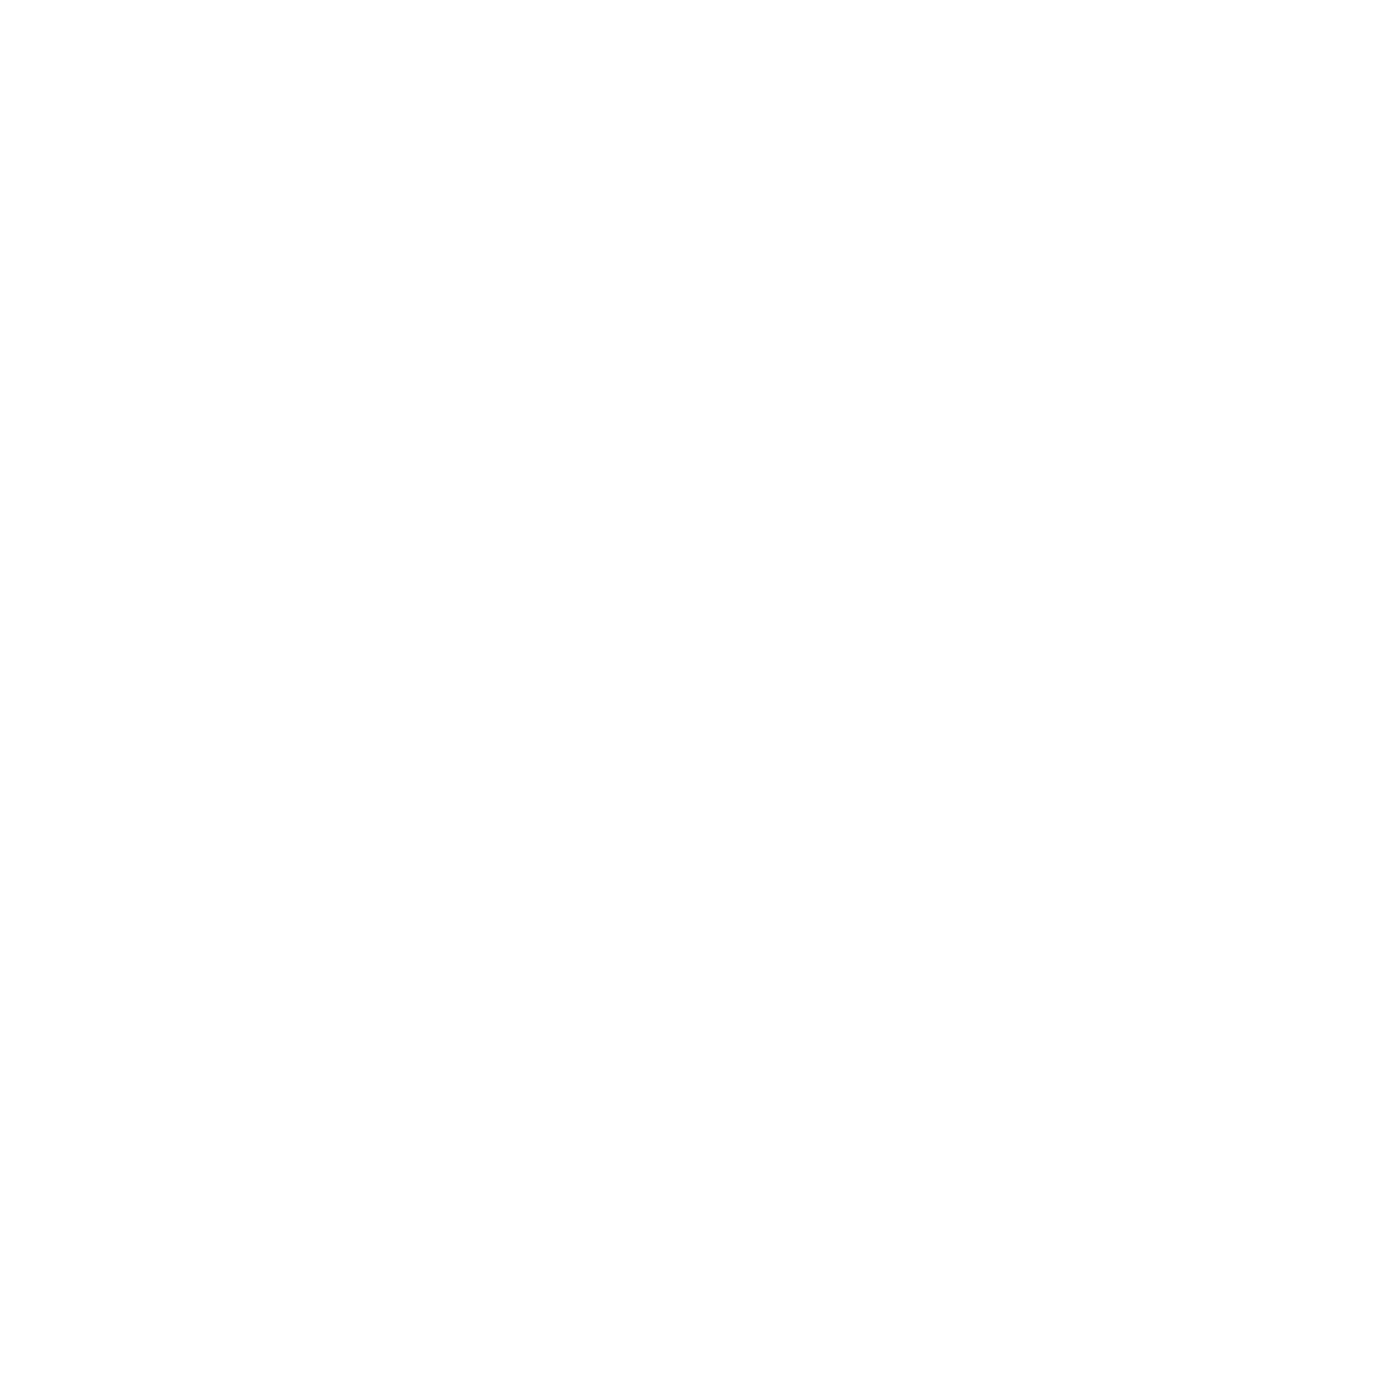 Ultra - Chrome Radiator Valves (Angled)